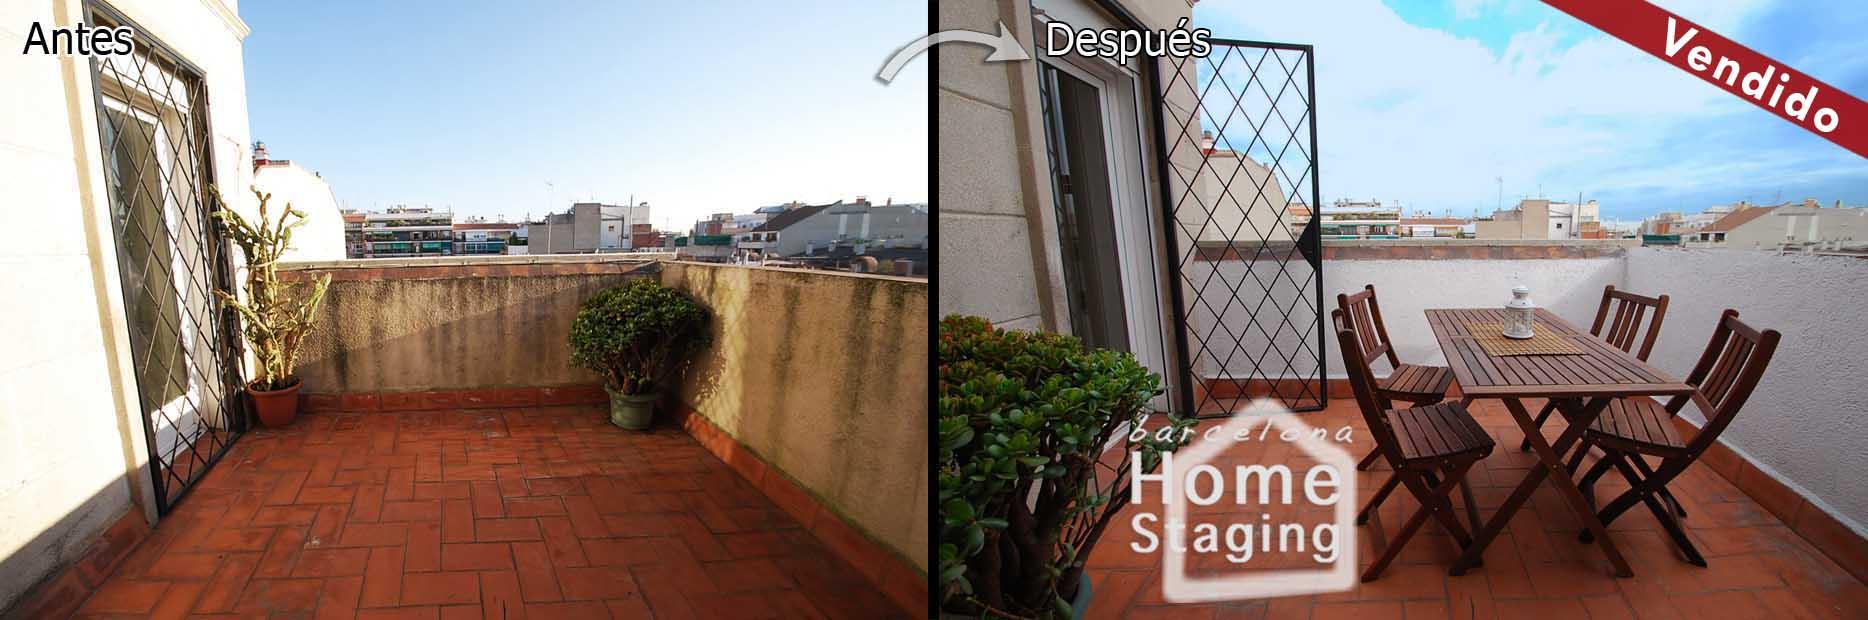 Suelo terraza exterior precios stunning suelo pizarra for Suelo terraza exterior precios